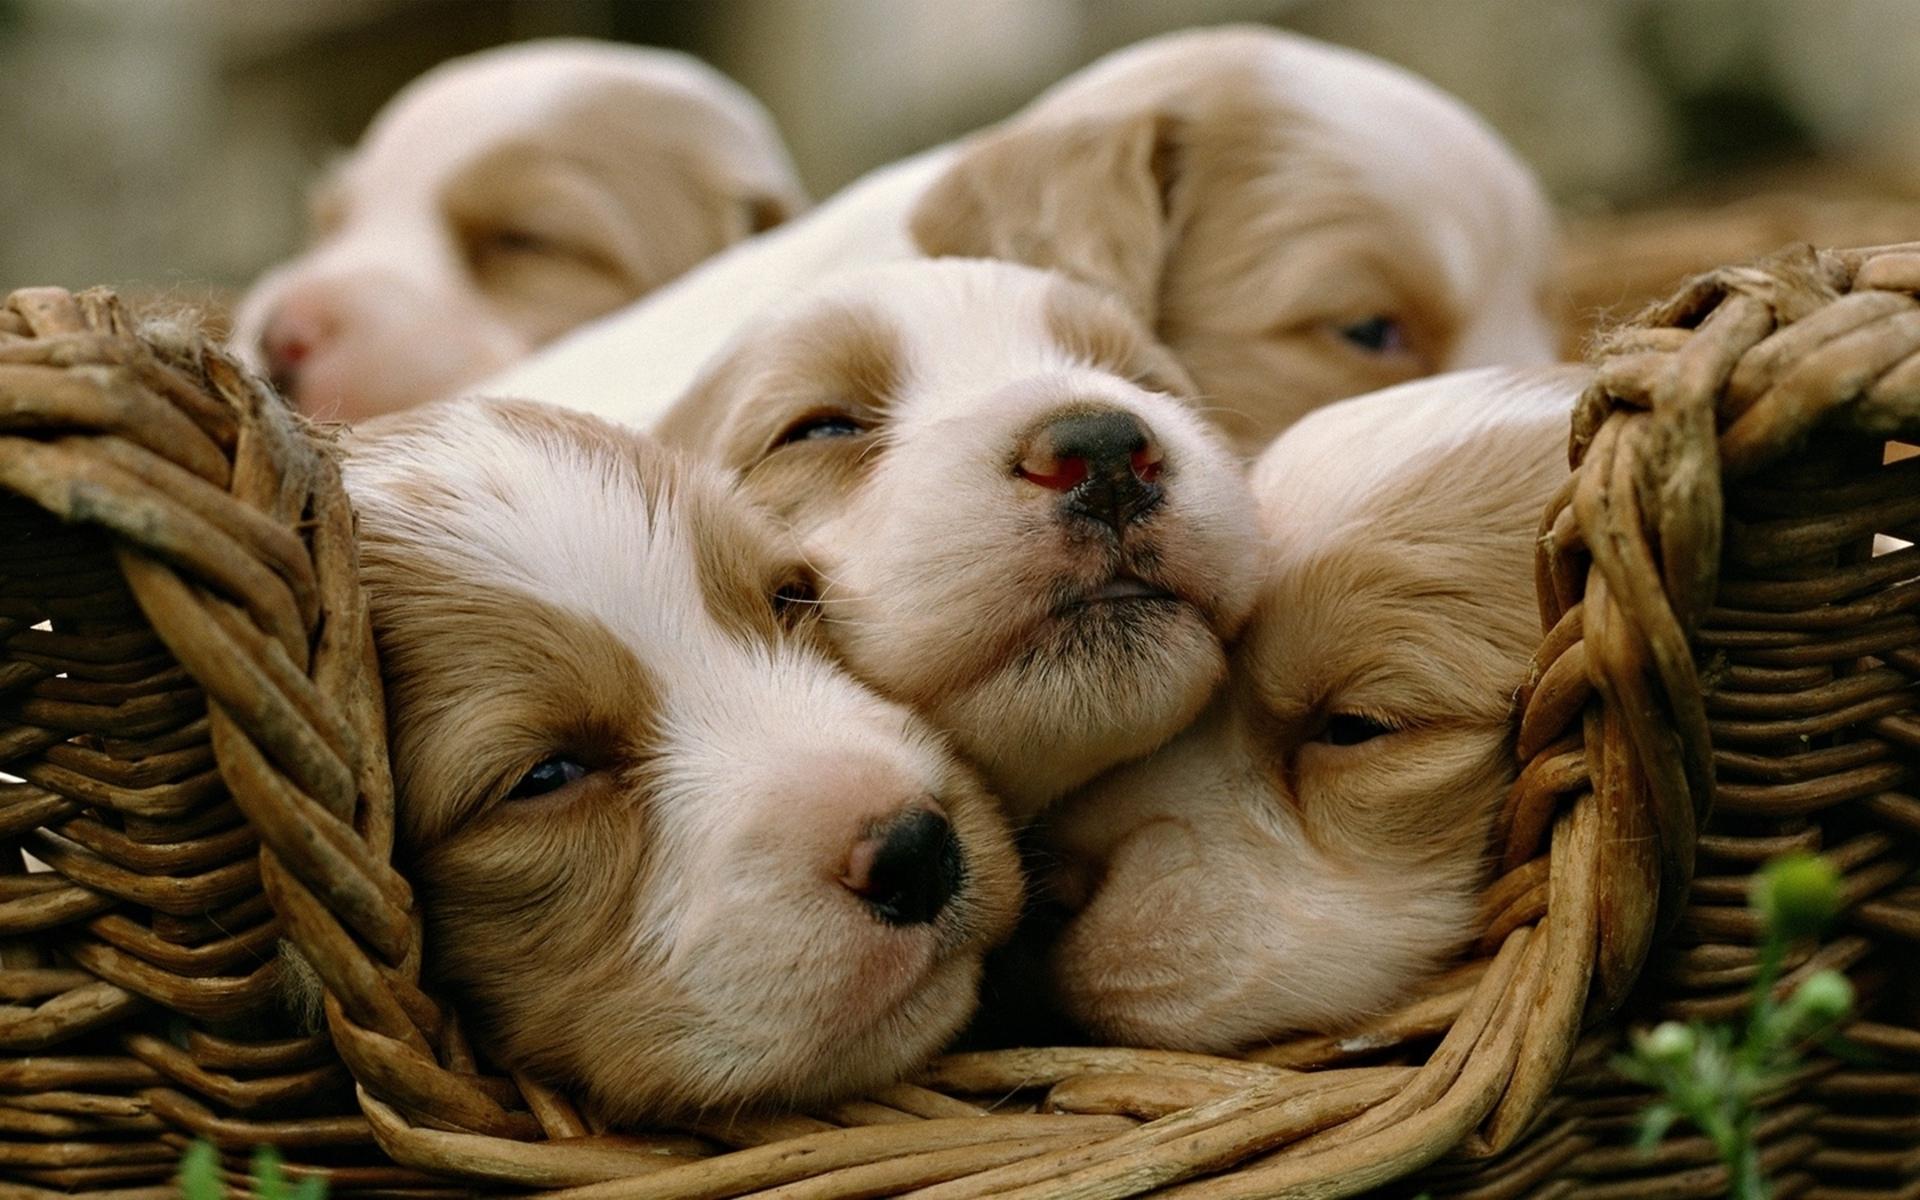 download wallpaper: puppies in een mand wallpaper